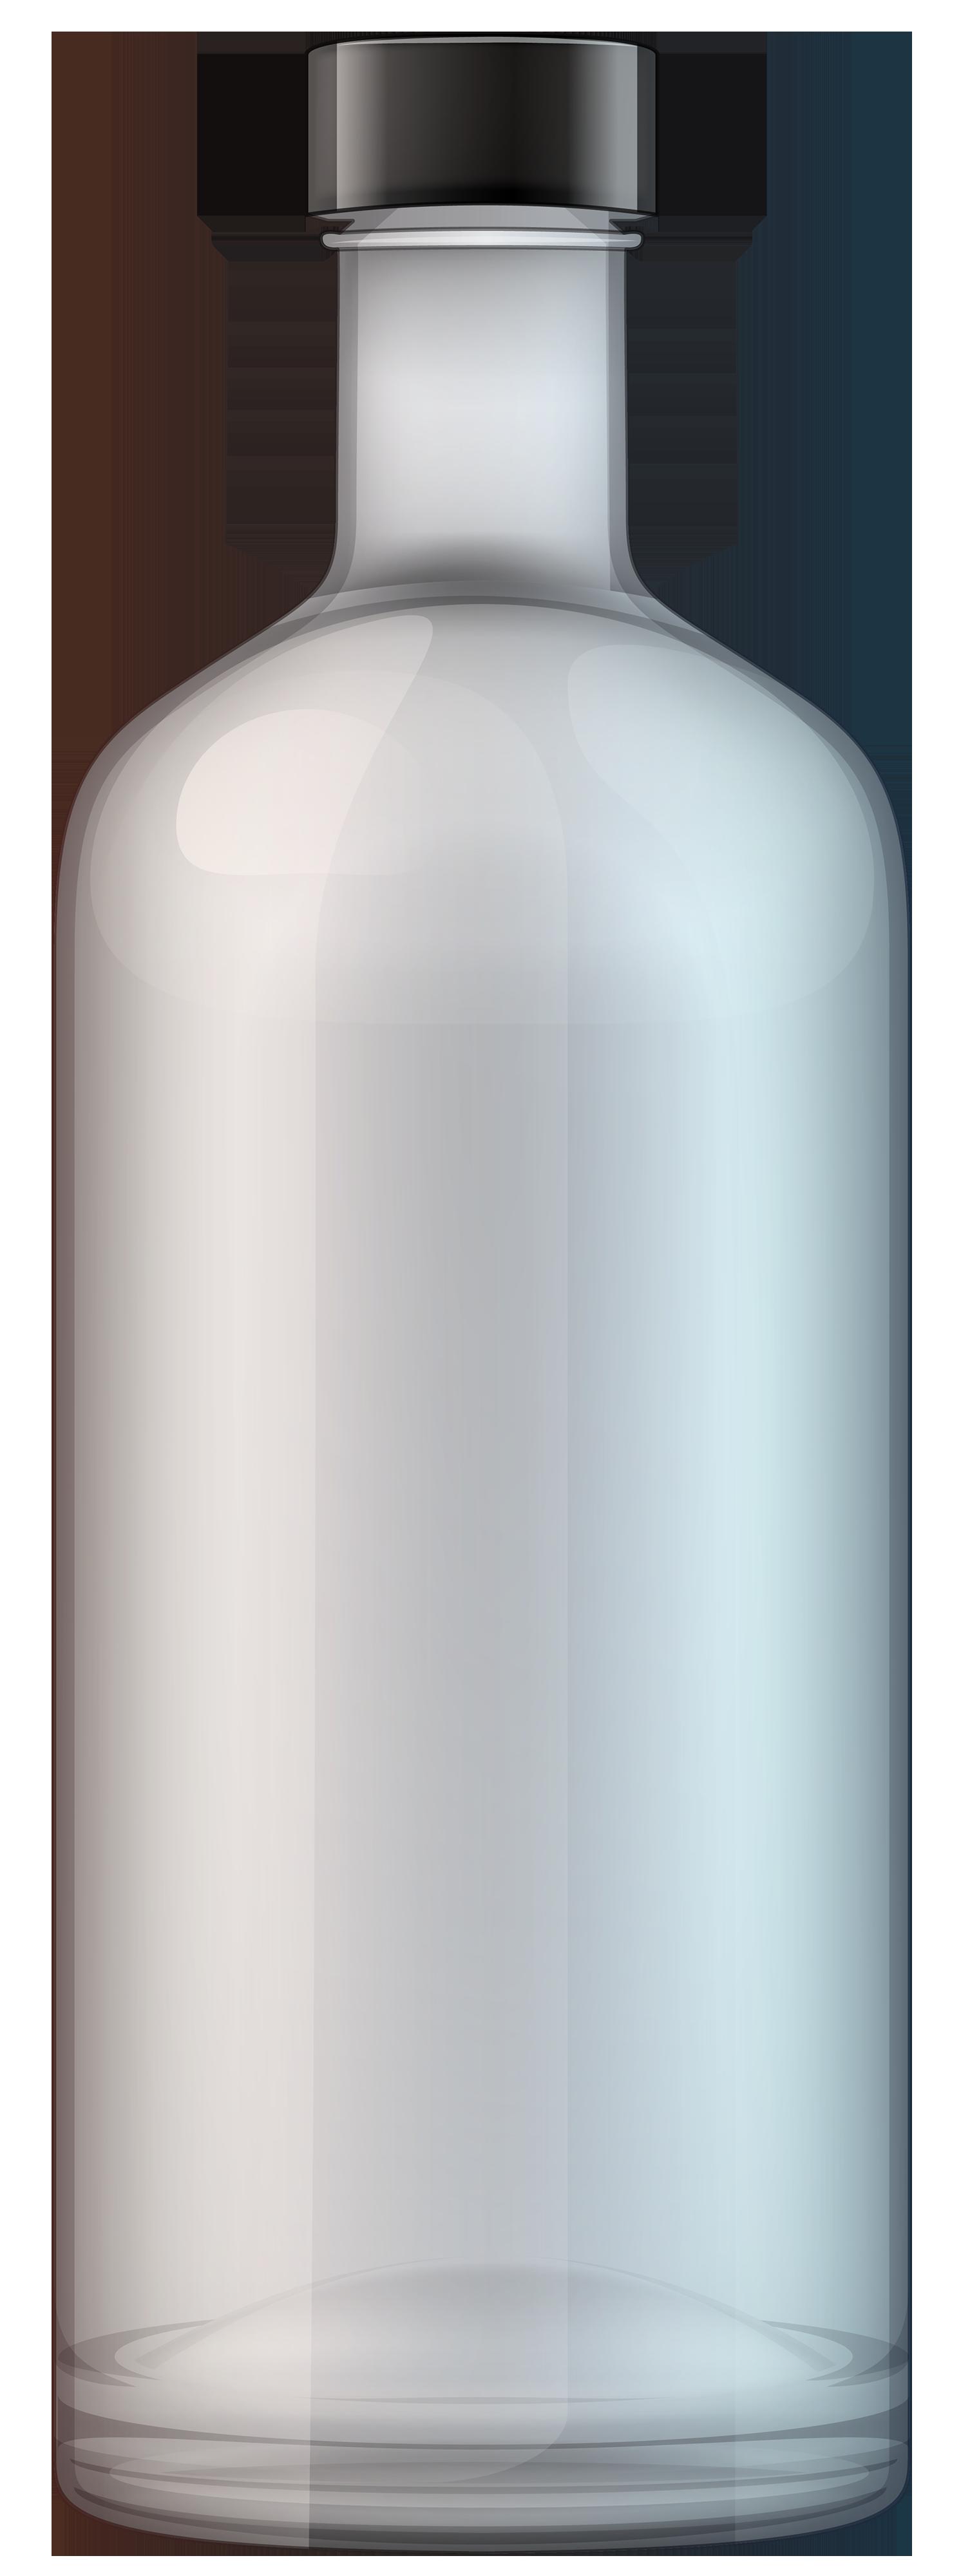 Drinking clipart empty bottle. Vodka png best web